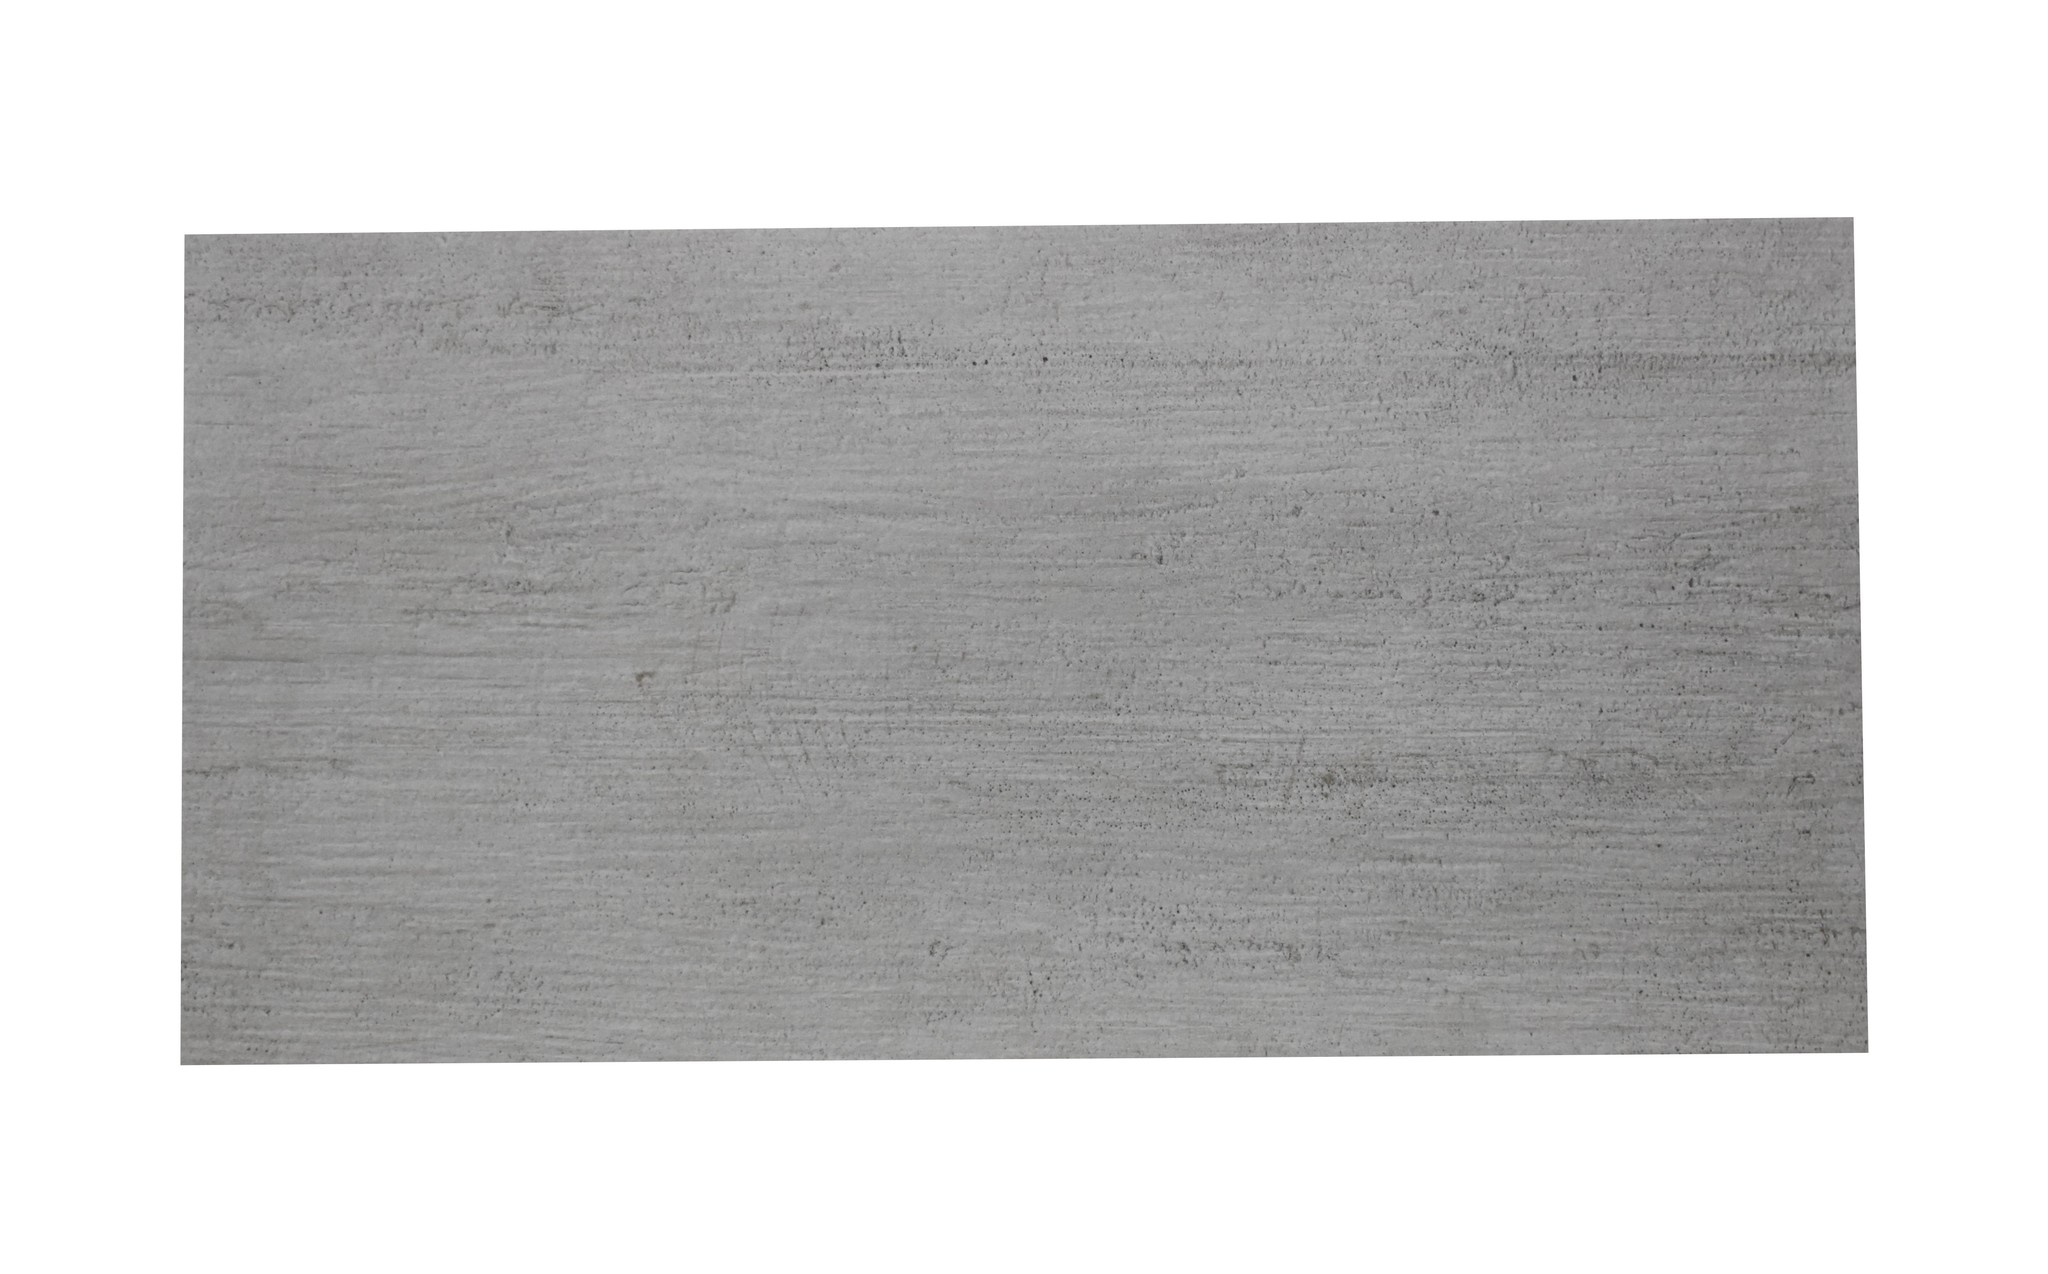 Jroco Plunc Płytki podłogowe